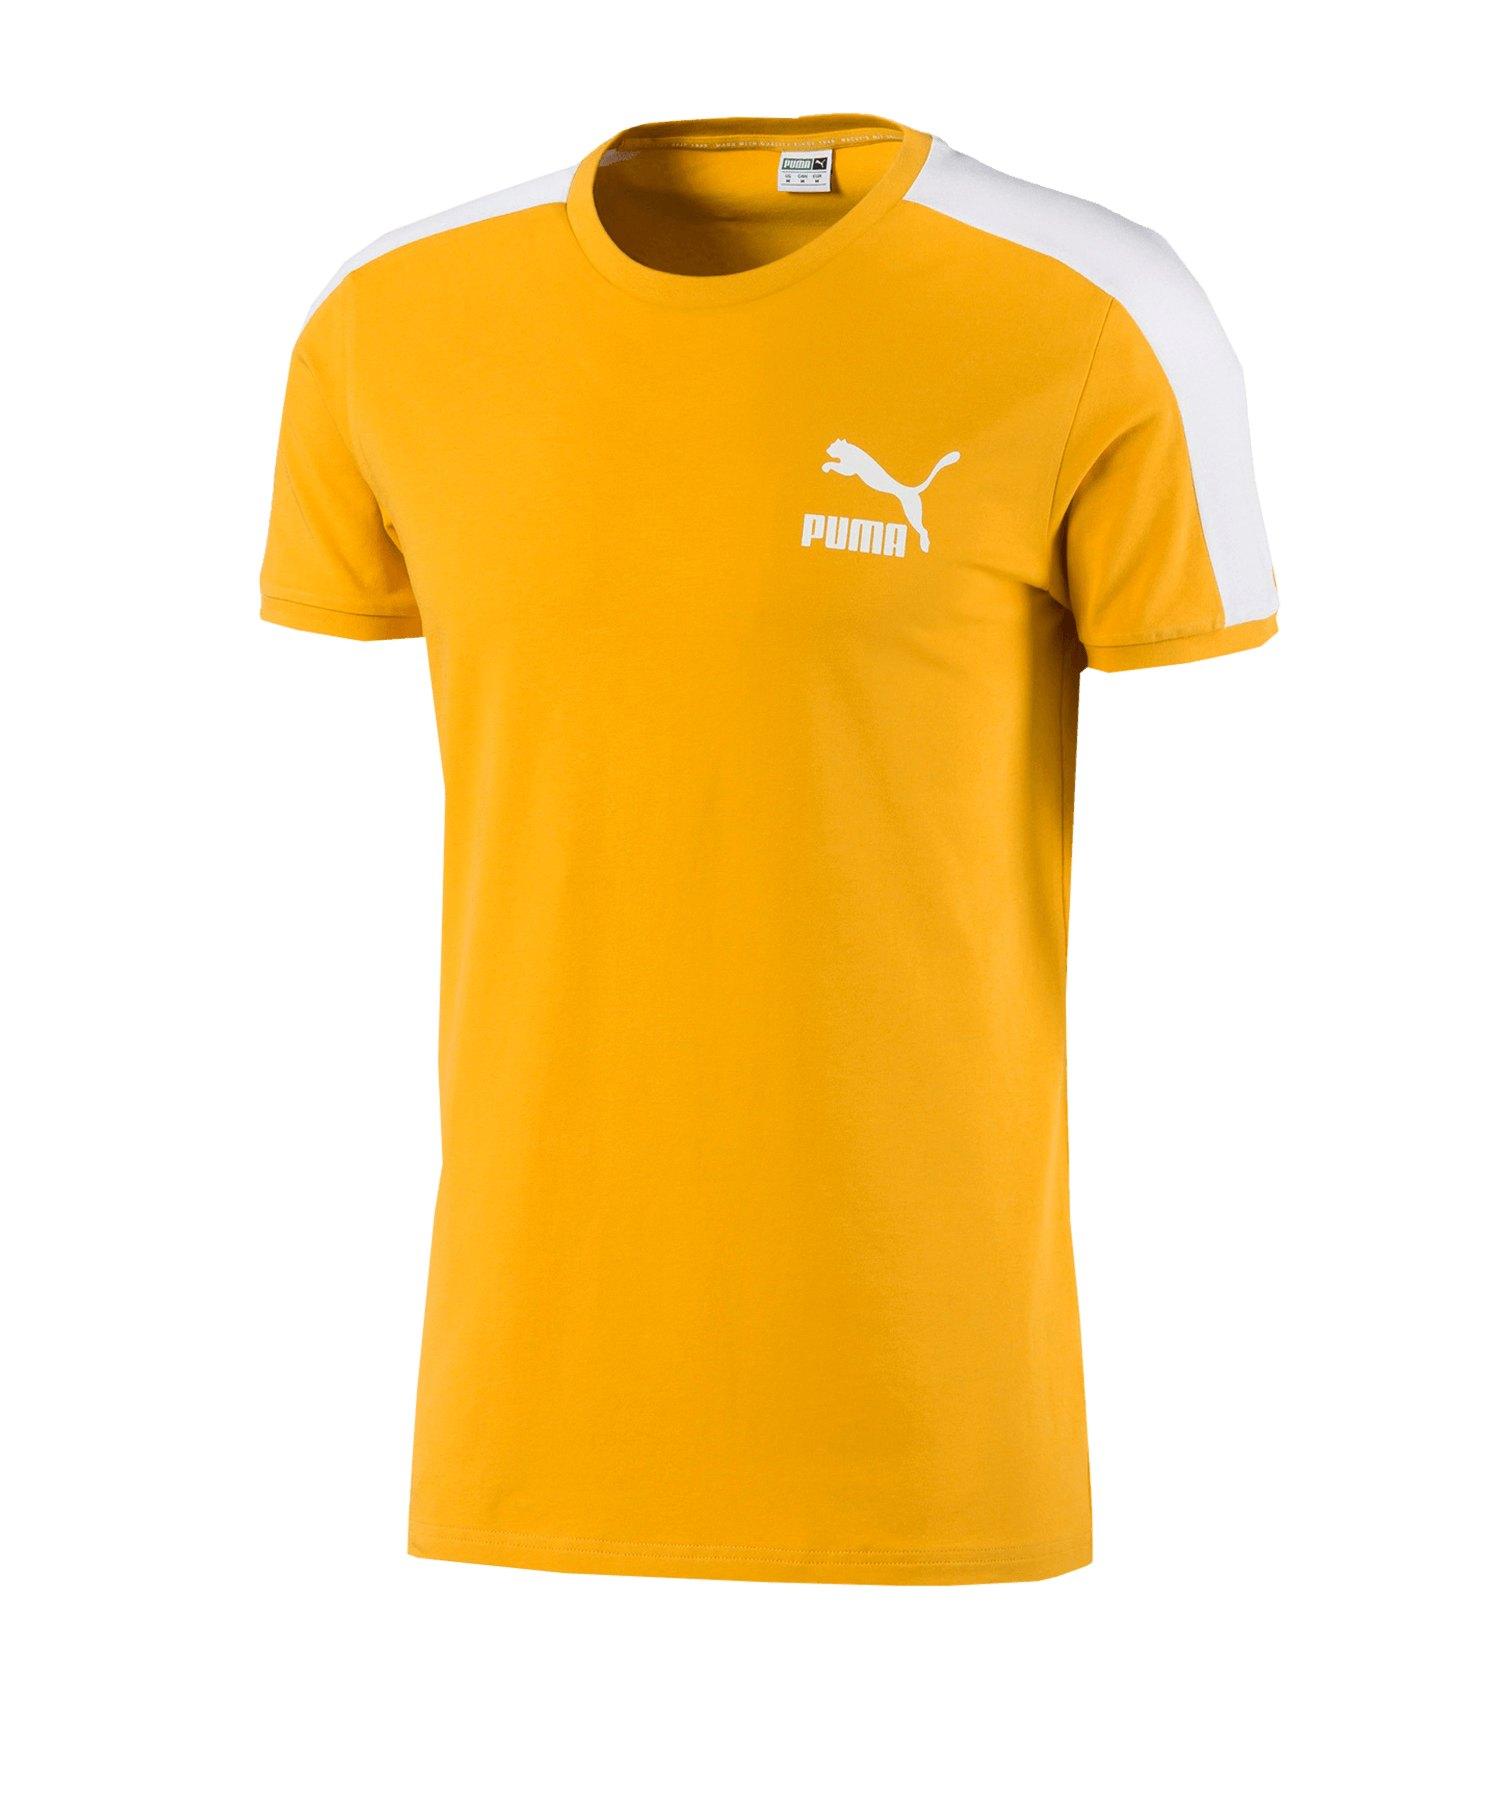 PUMA Iconic T7 Slim Tee T-Shirt F25 - gelb